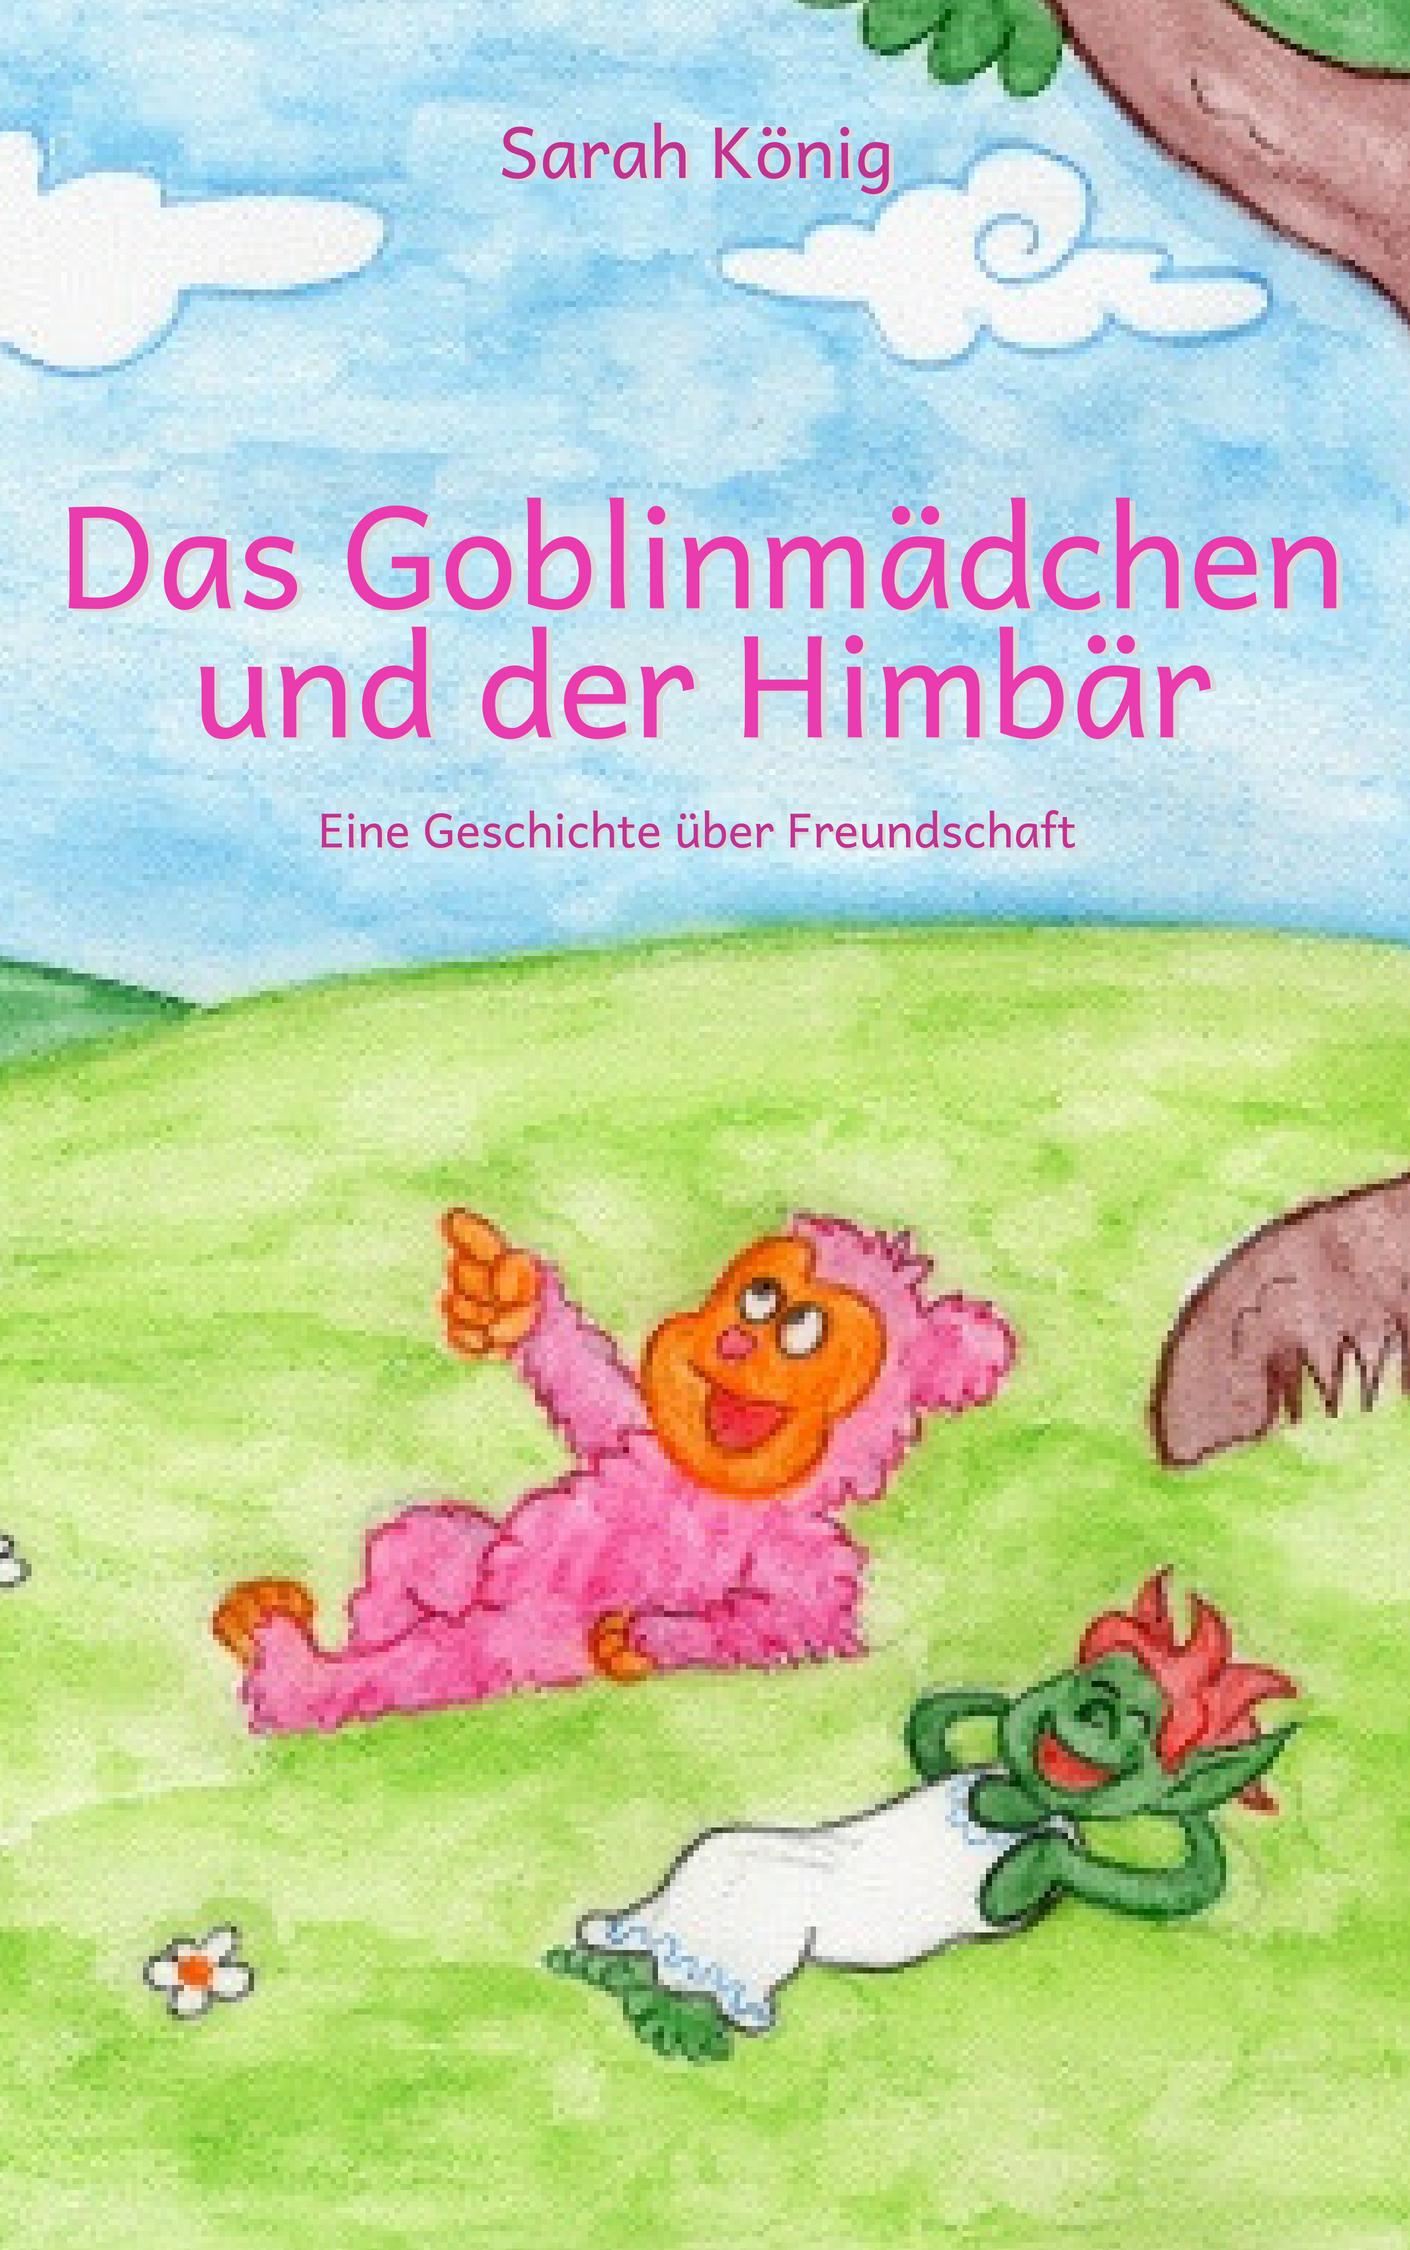 koenig_sarah_das_goblinmaedchen_und_der_himbaer_phantastik-autoren-netzwerk.jpg